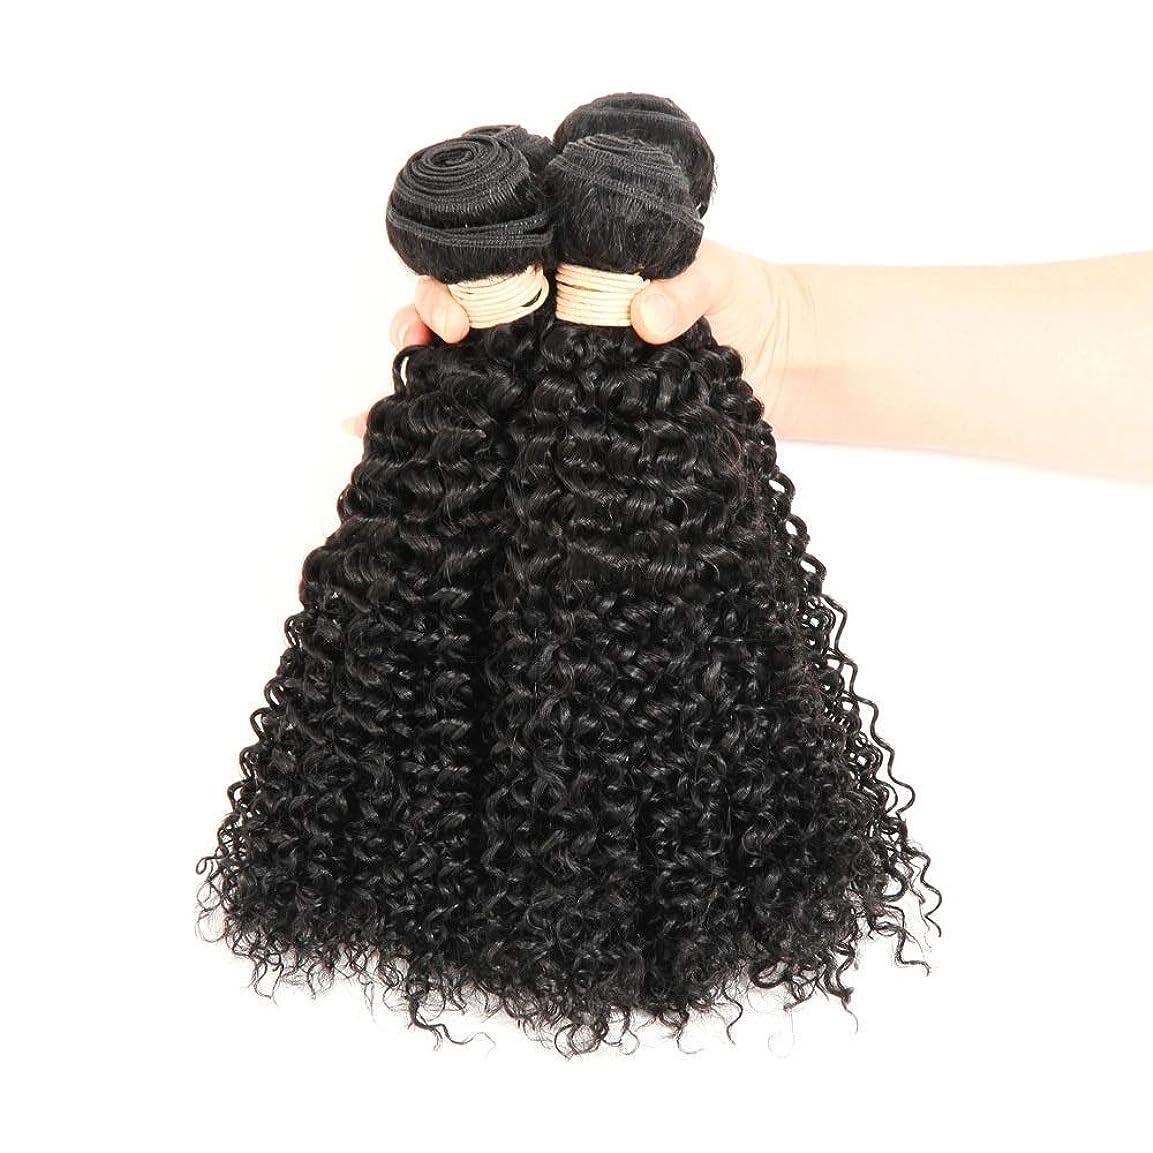 申込みガチョウイヤホンBOBIDYEE ブラジルのバージン人間の髪の毛の束ブラジルの変態カーリー織り人毛ナチュラルブラック色16-22インチ(100 +/- 5g)/ pc 1バンドルロールプレイングかつら女性の自然なかつら (色 : 黒, サイズ : 20 inch)